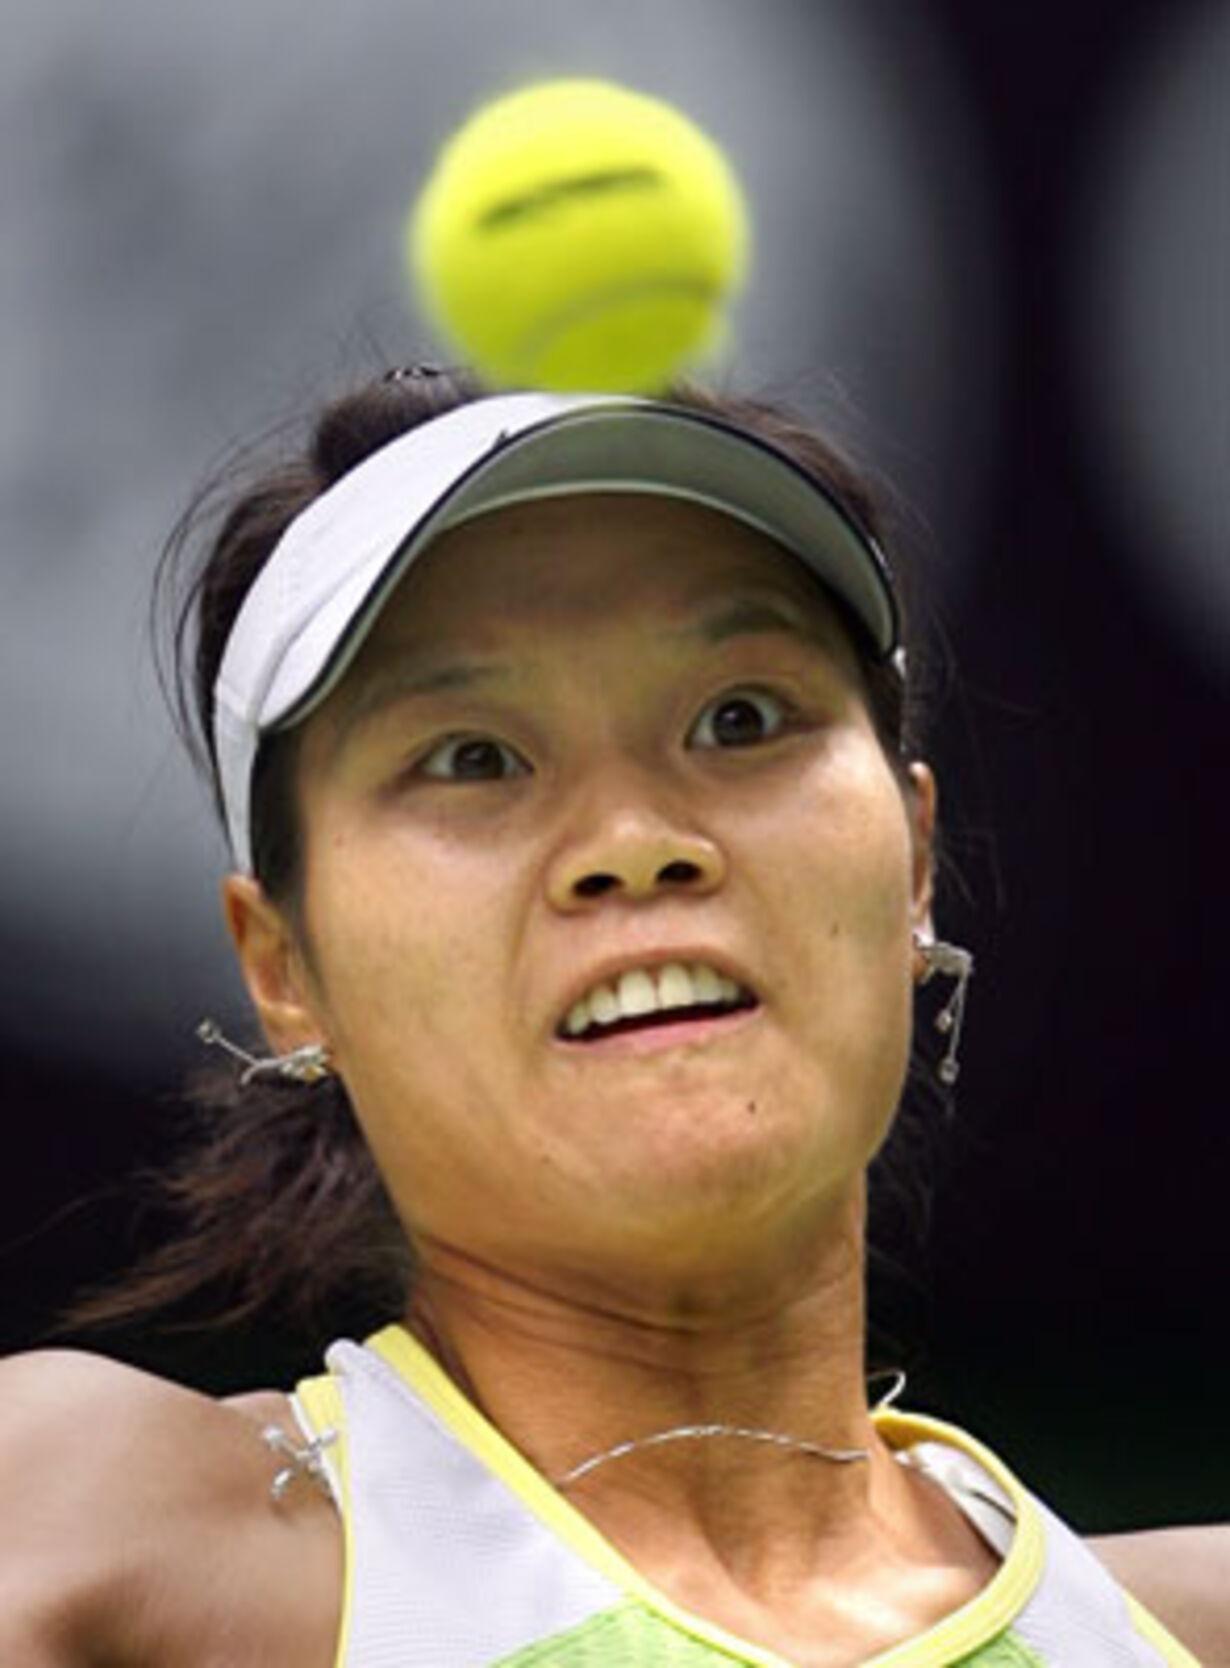 Australian Open - 8